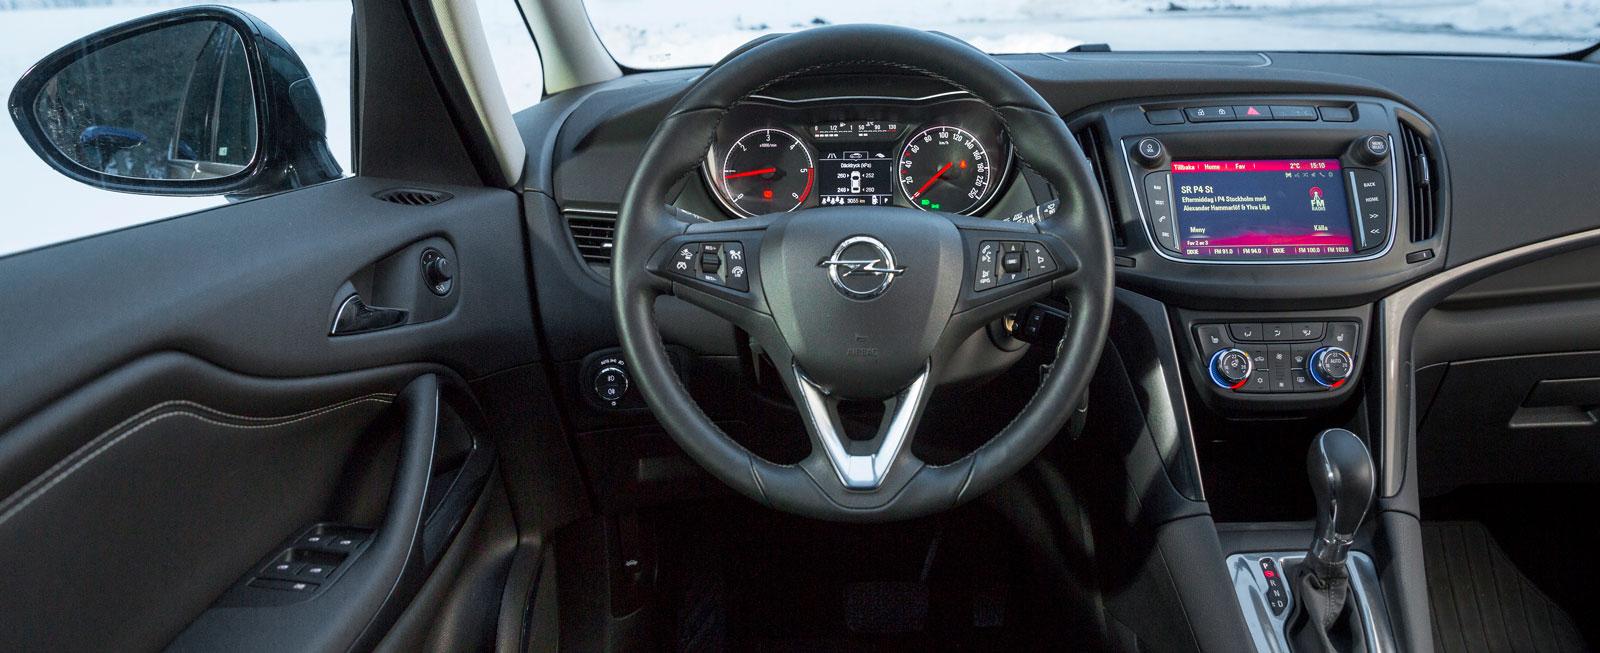 Inga konstigheter i Opel, med enkel och tydlig klimatanläggning. Pekskärmen på 7-tum är inte den bästa, men funktionerna lättbegripliga.